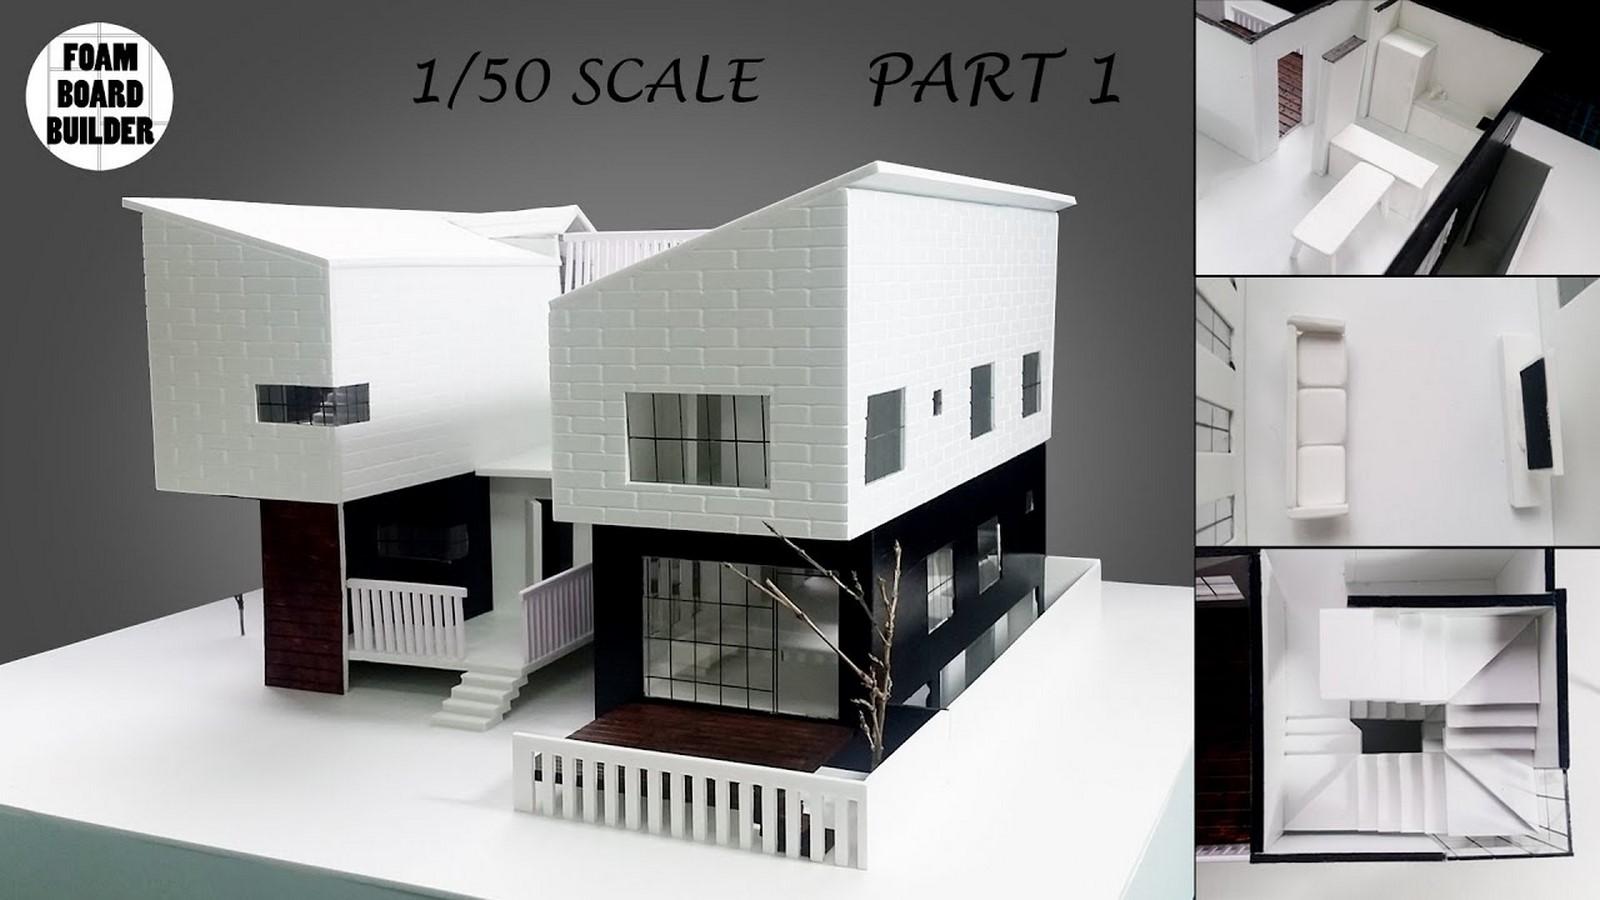 ANDDA architect - Sheet2